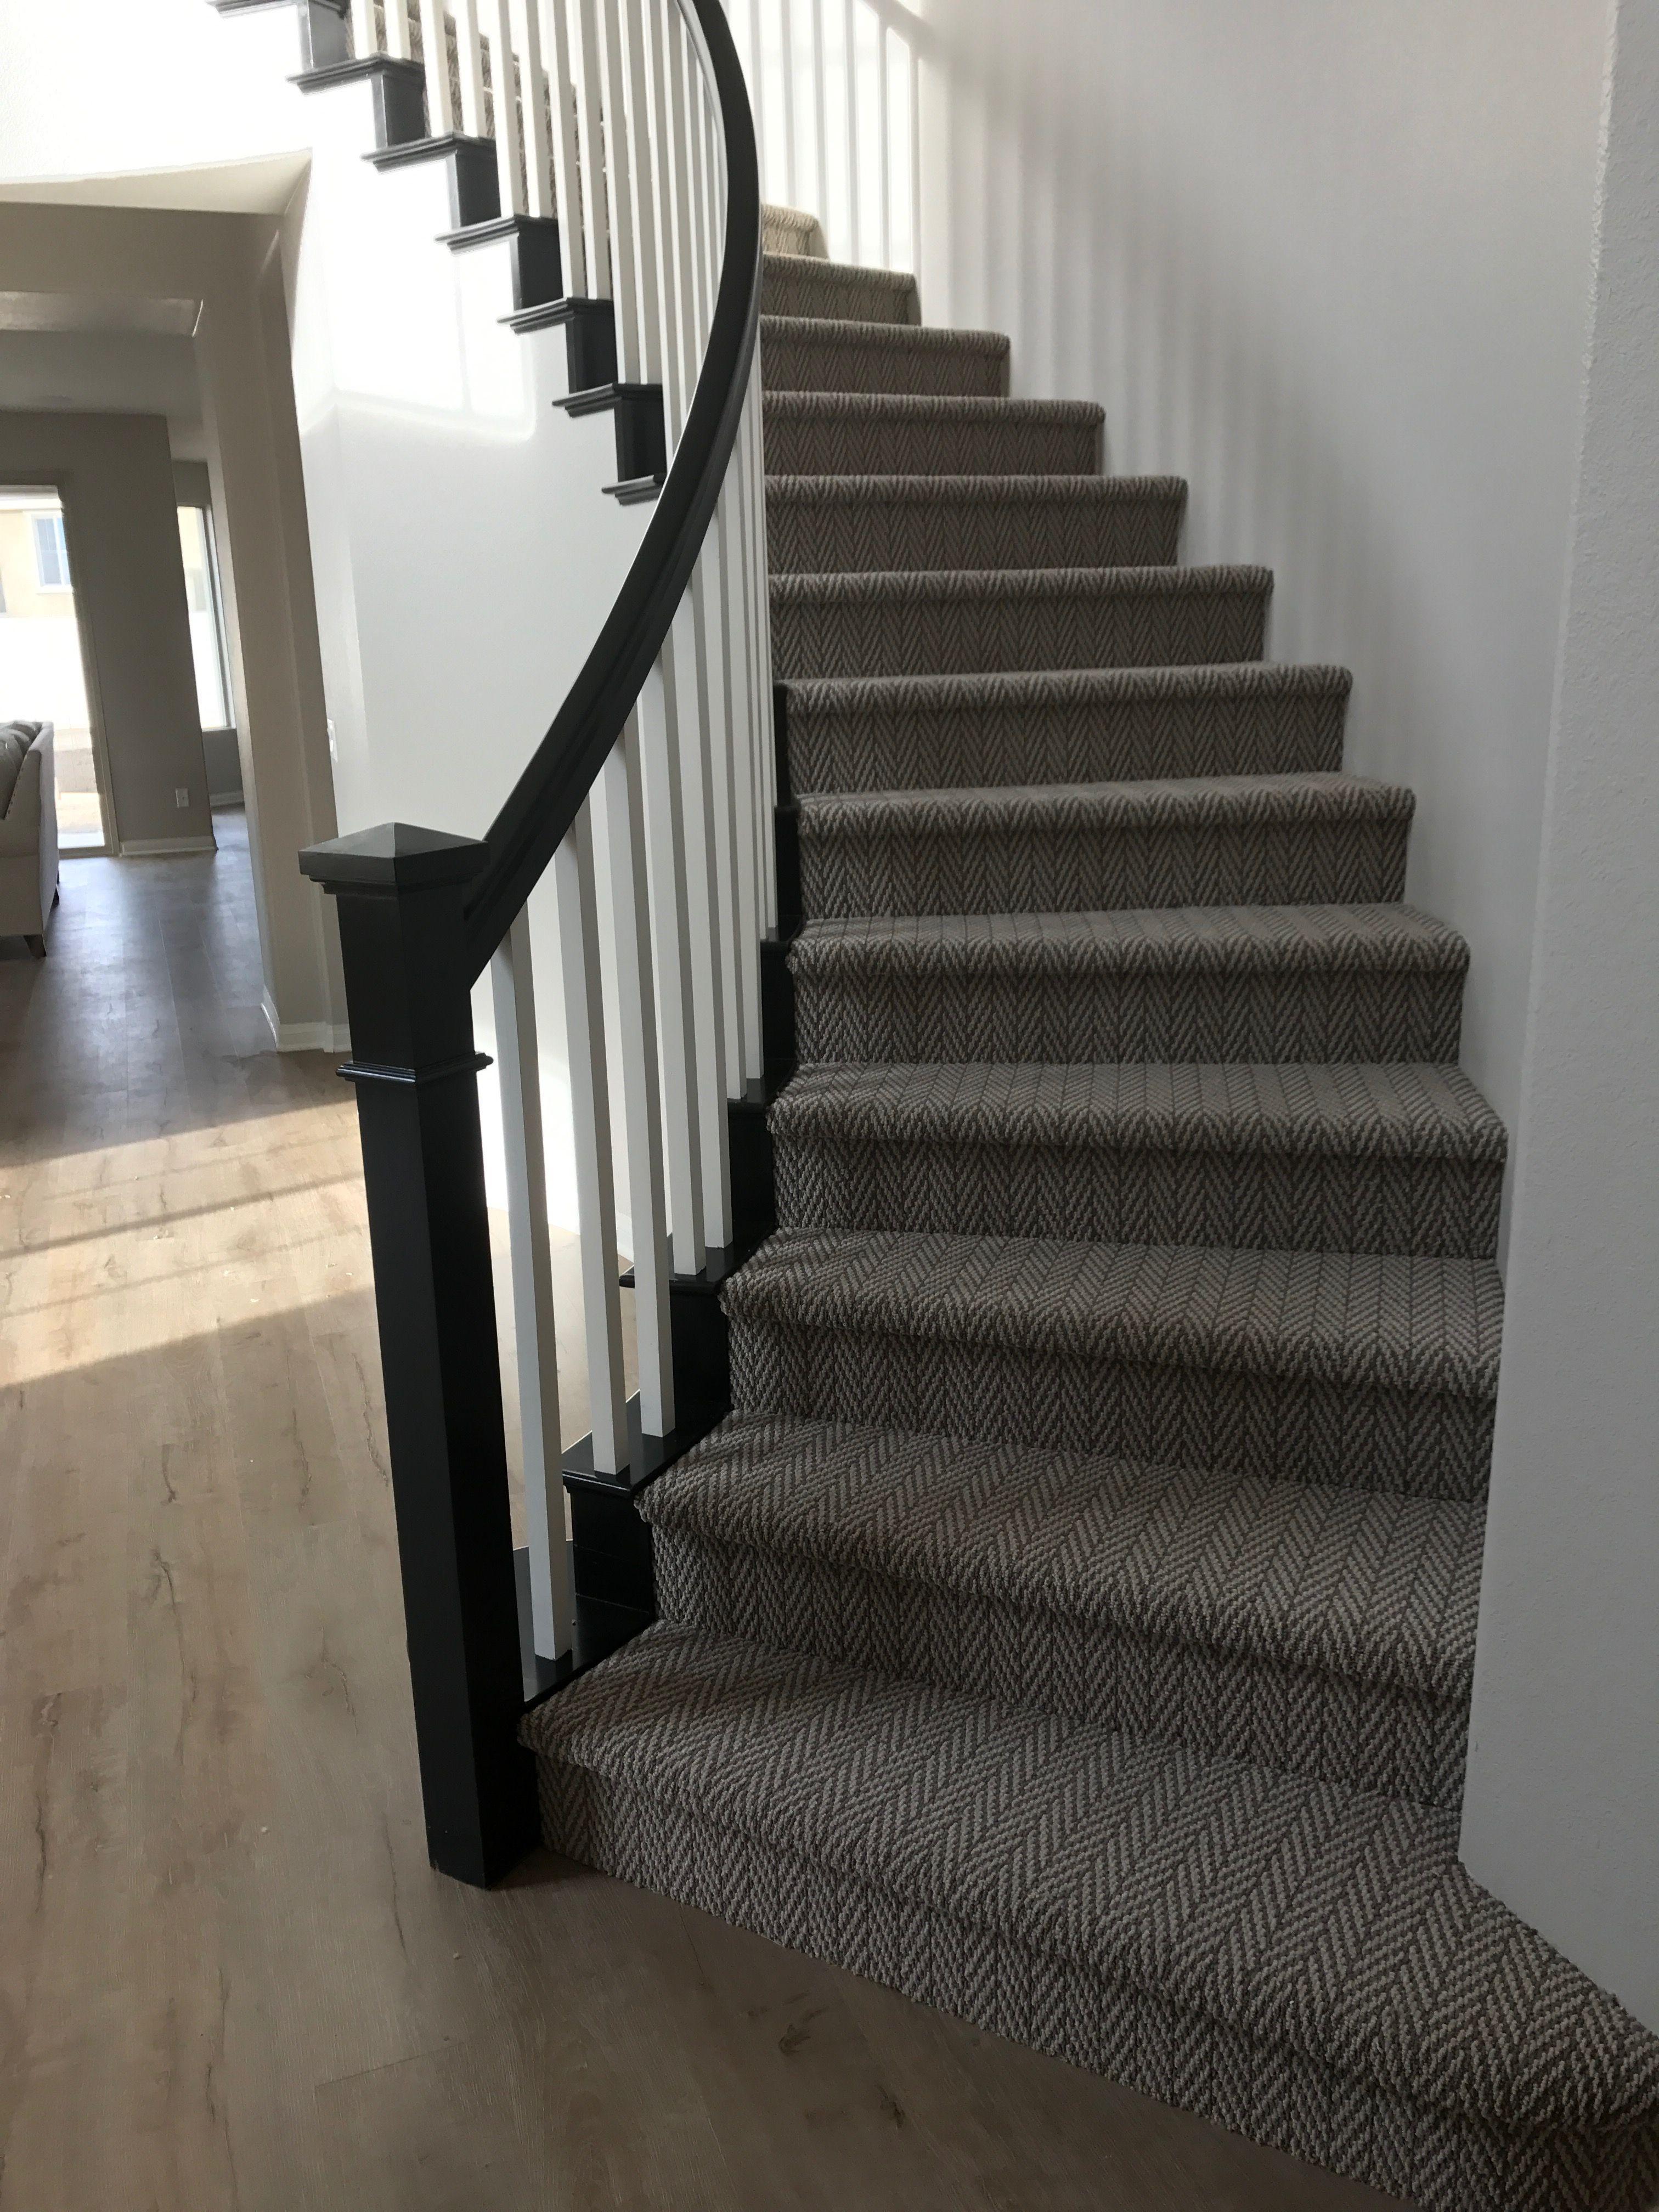 Herringbone Stairway Carpet Best Stair Carpet For High Traffic   Best Carpet To Use On Stairs   Hardwood   Flooring   Rug   Stairway   Carpet Cleaner